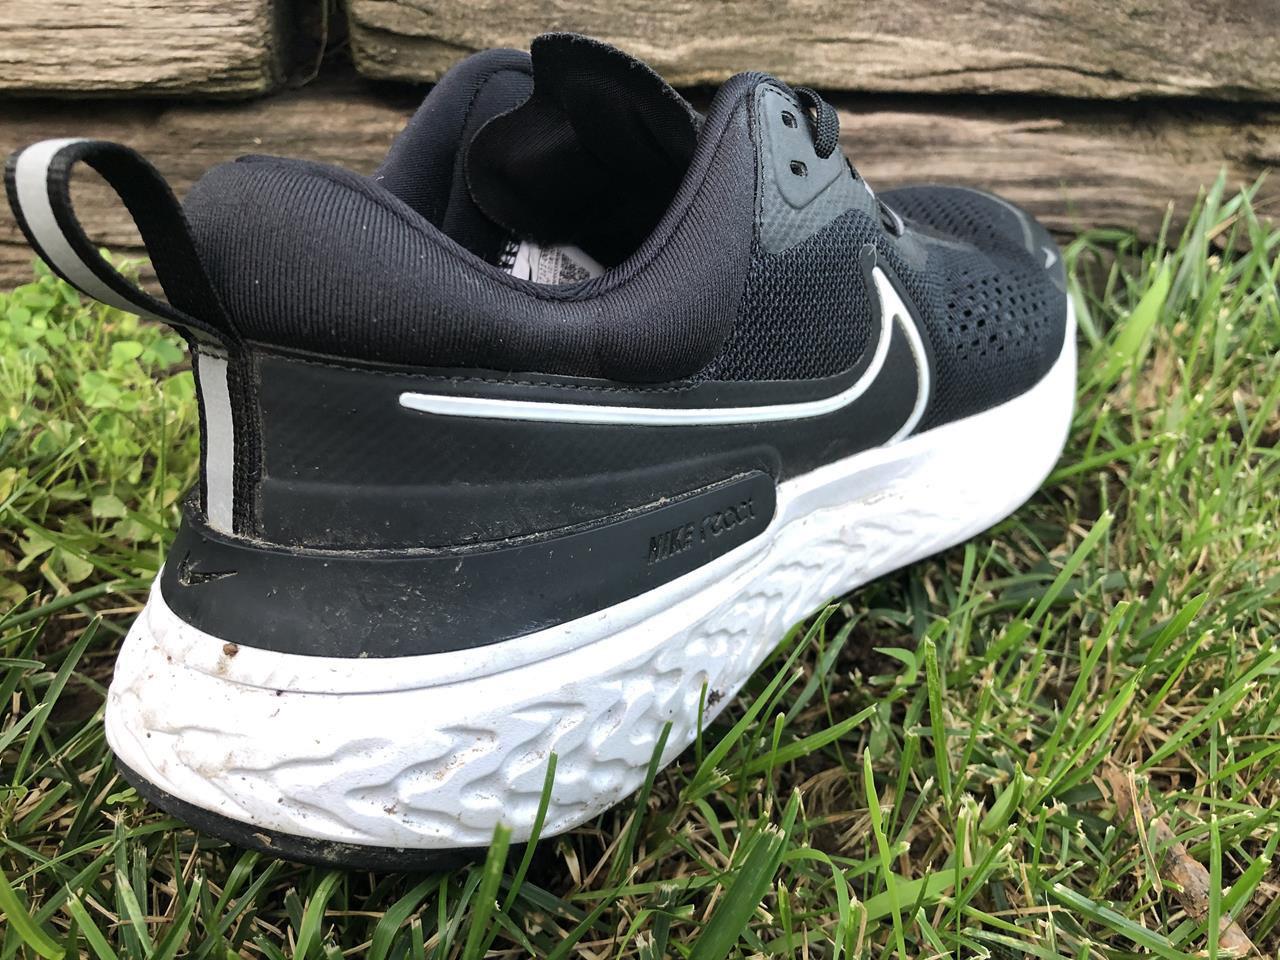 Nike React Miler 2 - Heel Closeup